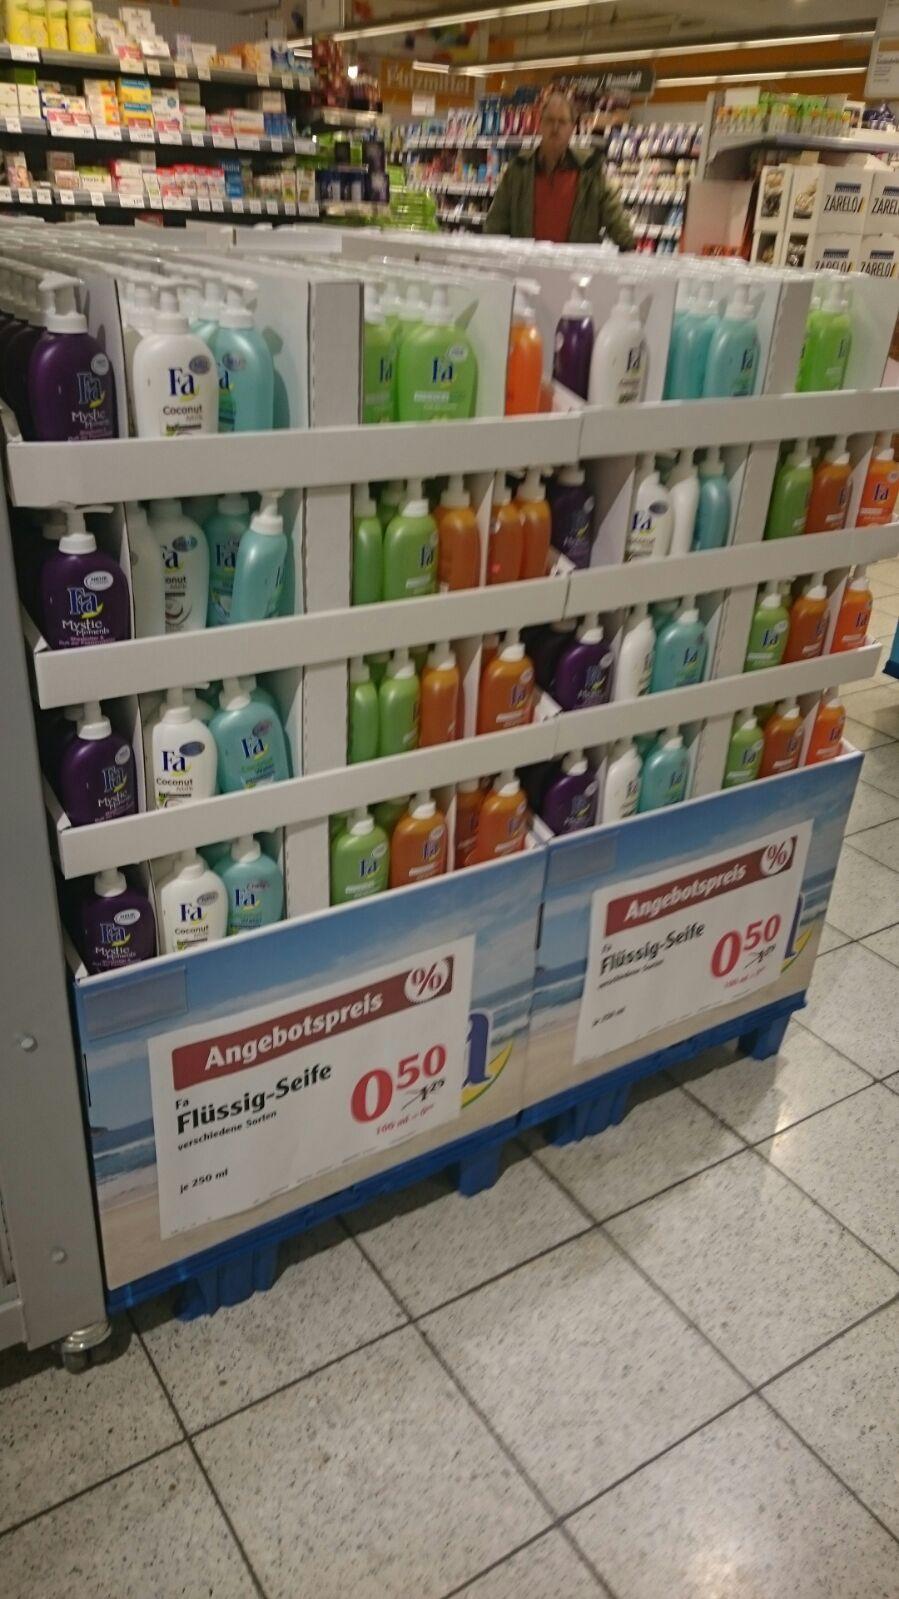 Globus Bundesweit Fa Handseife 20 Flaschen für 5€ oder 5x Men shampoo + 5x Hydro5 Rasierer für 5,20€